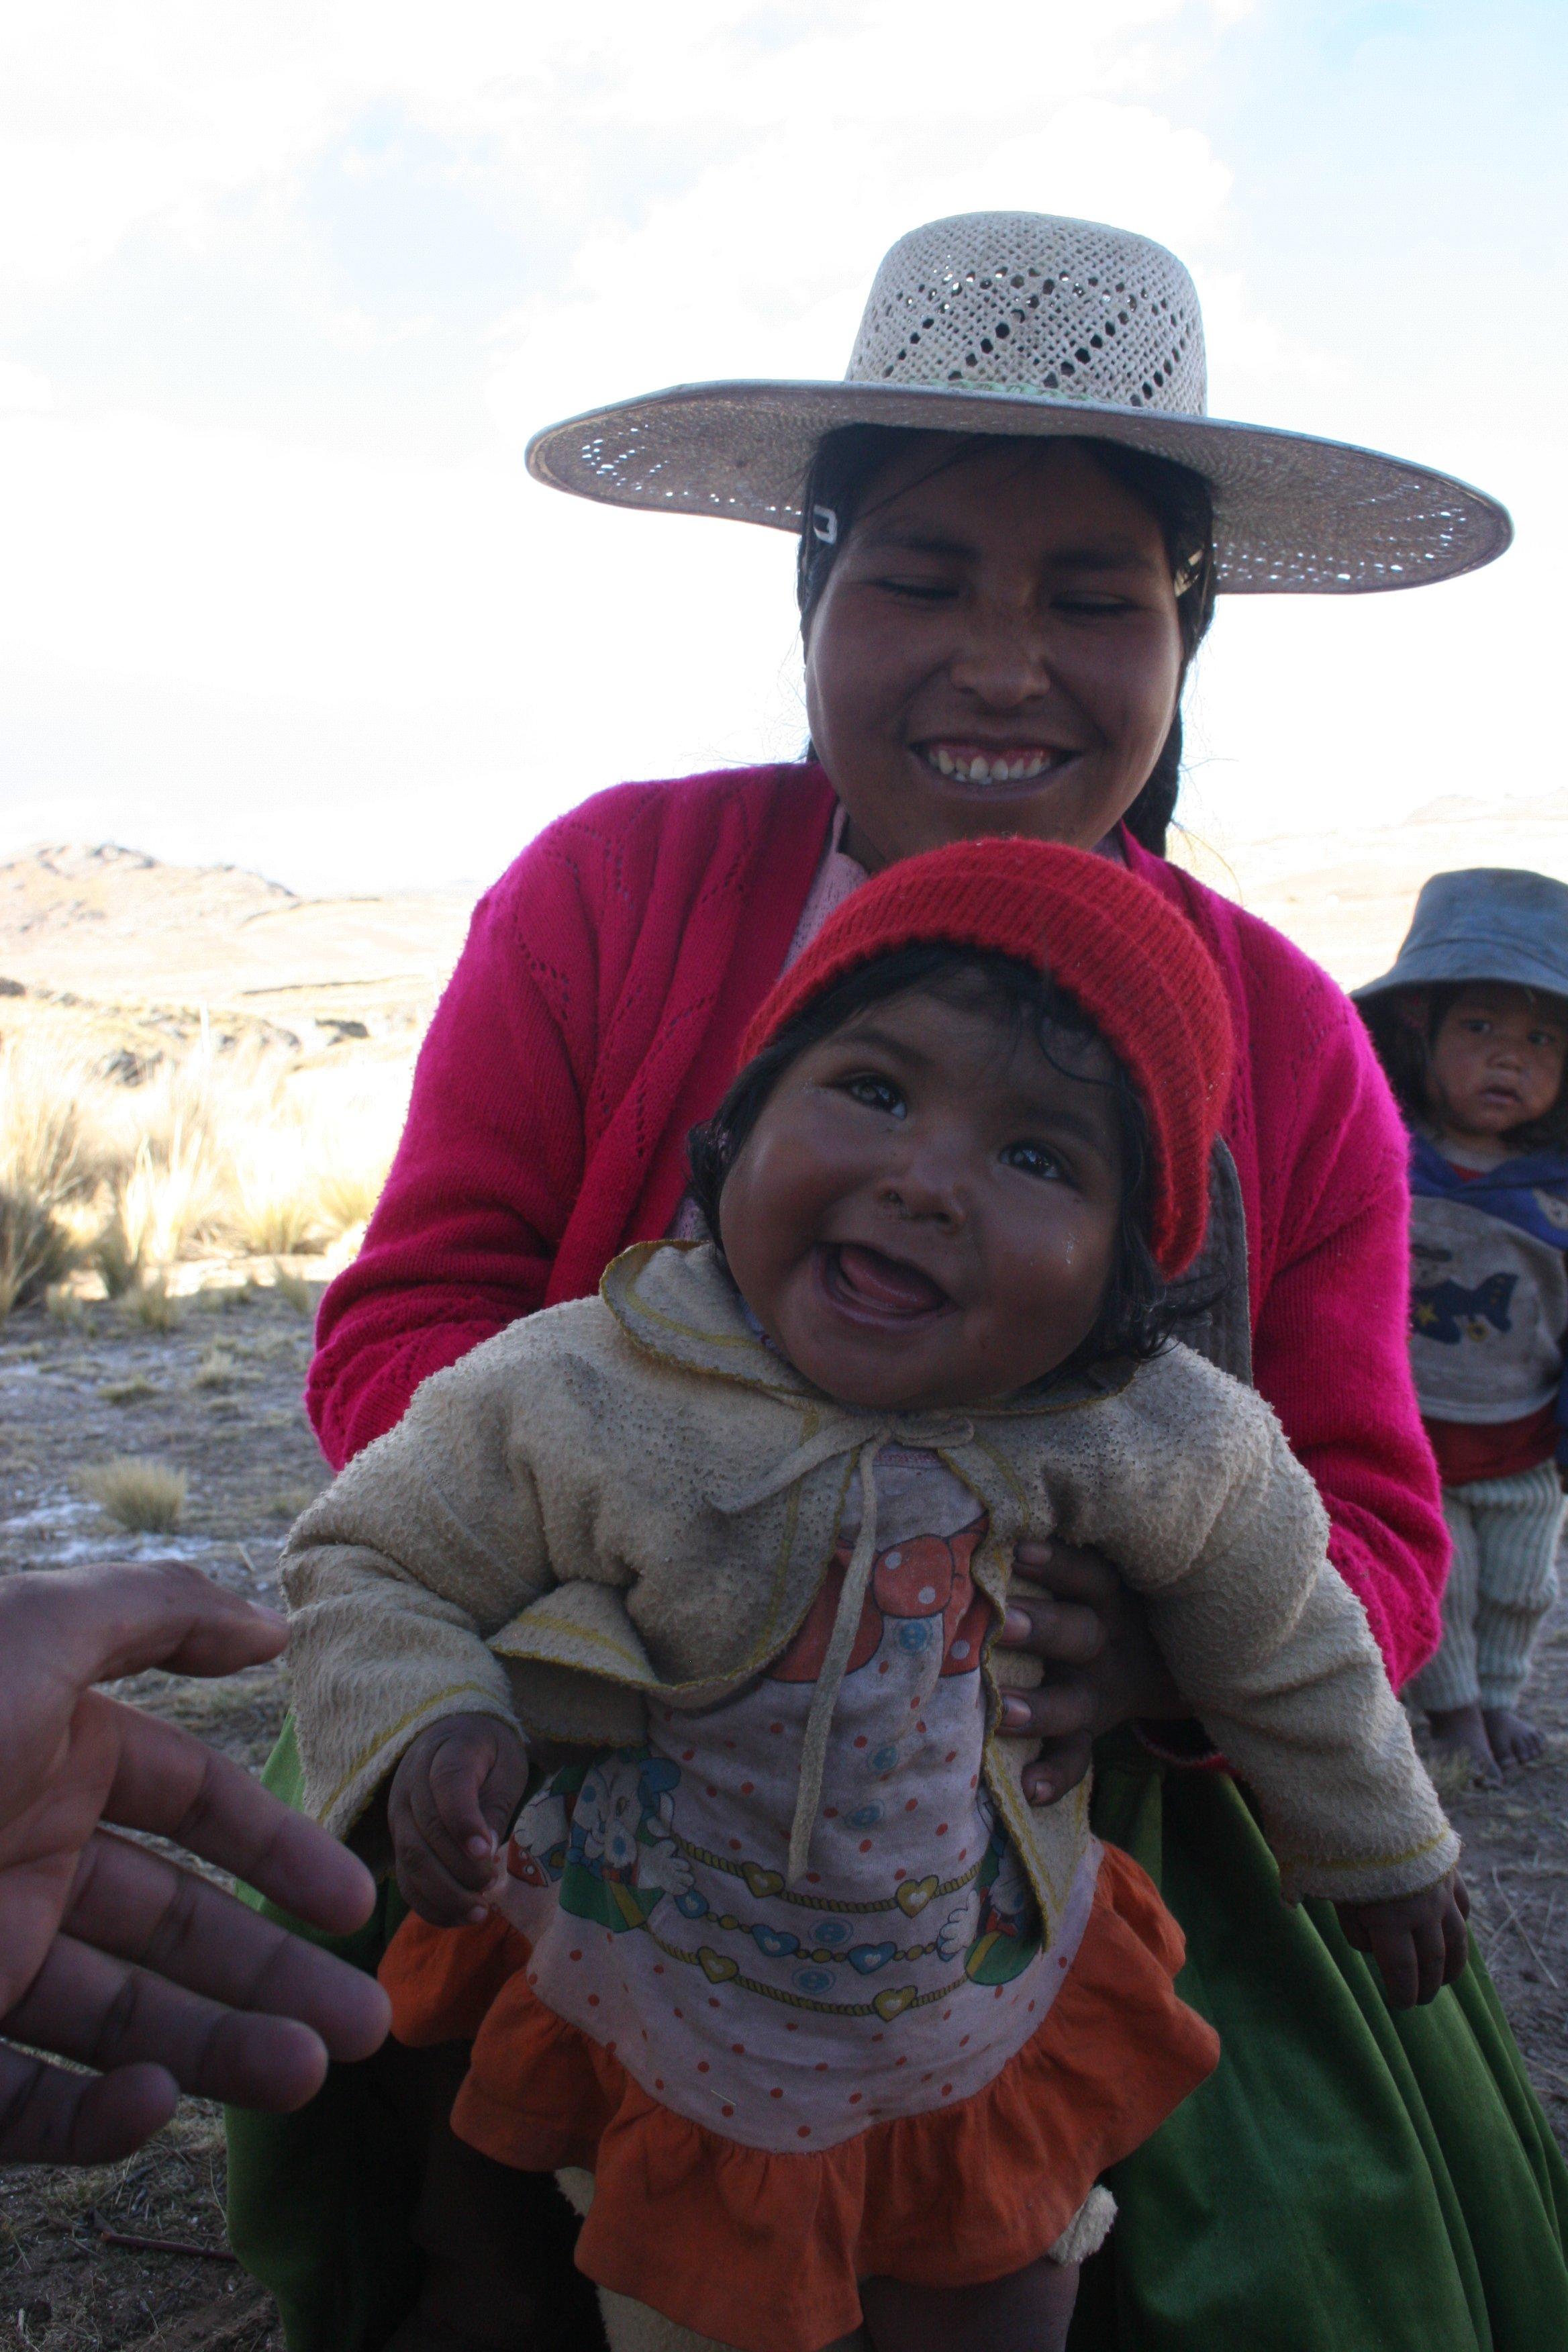 PDA KHANTATI Cuidado y proteccion. Martha cuida y protege a su bebe Carmen Rosa de unos meses. ella ama a su bebe.